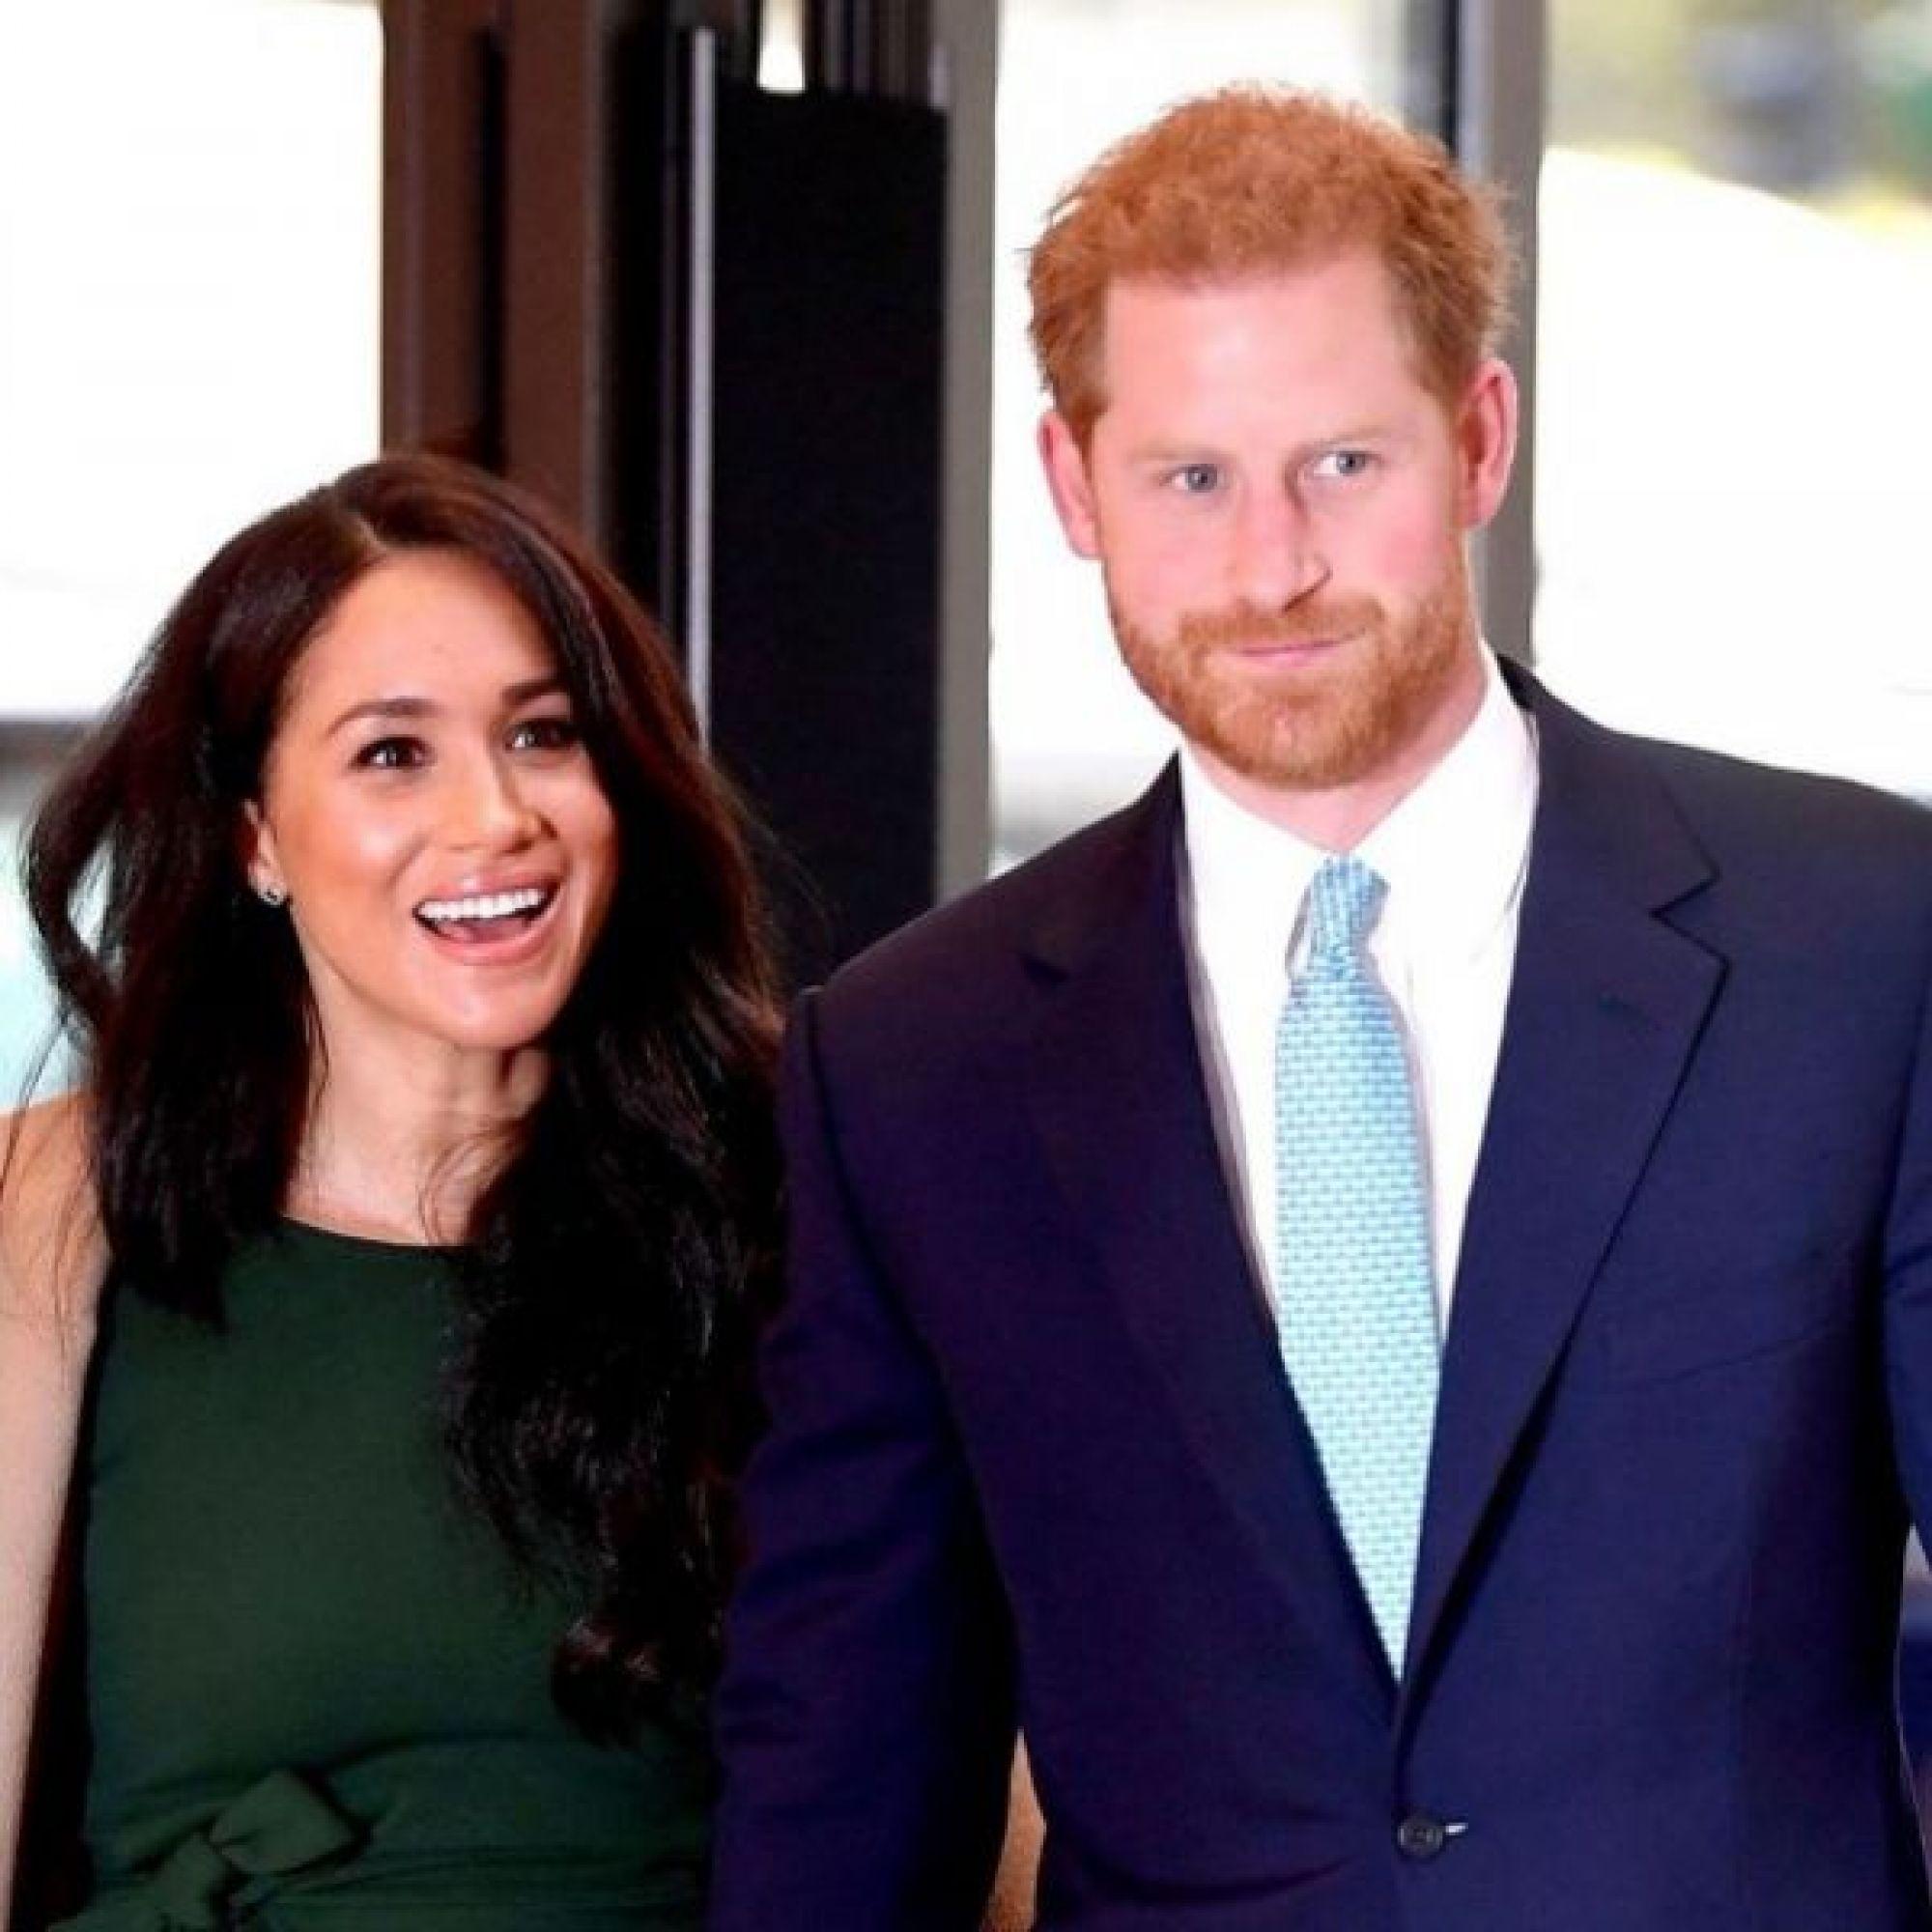 Отец Меган Маркл жёстко раскритиковал принца Гарри и вызвал его на дуэль